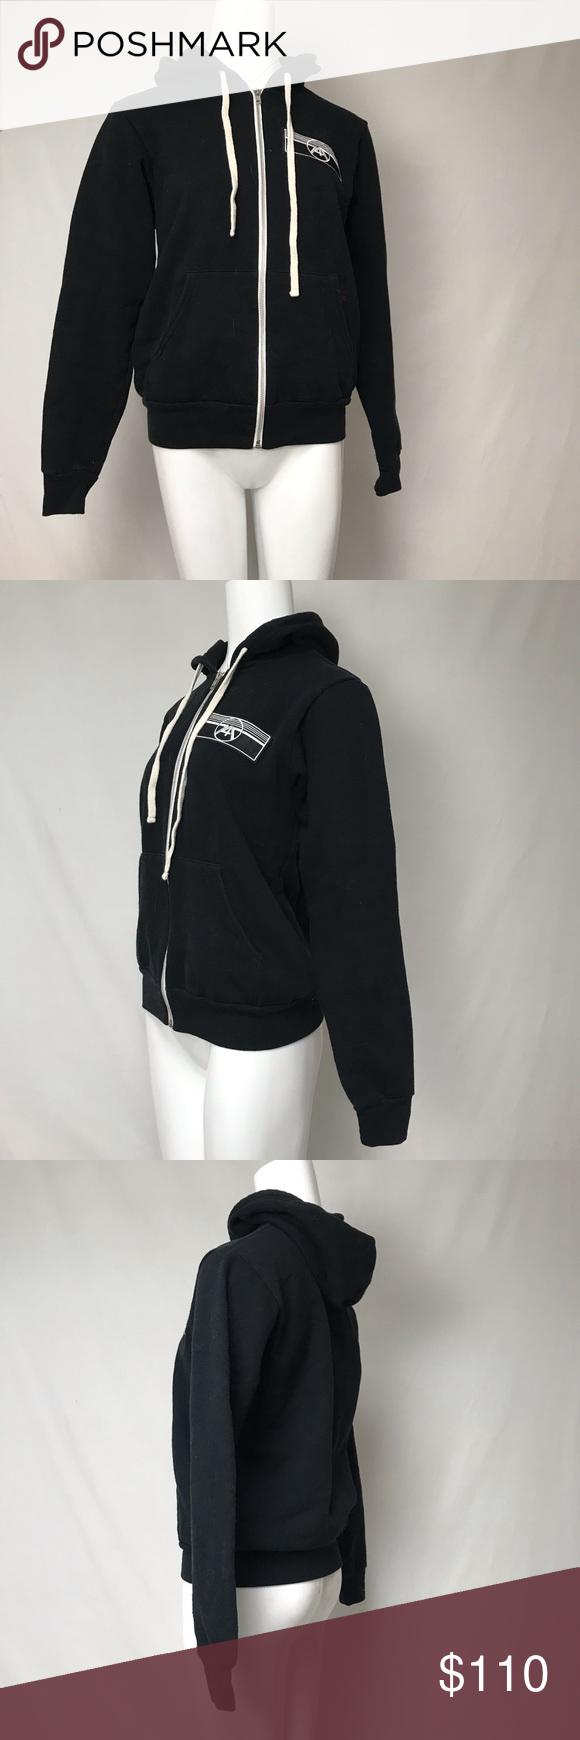 My Vintage Black And White Zip Up Hoodie Sweater White Zip Ups Sweater Hoodie Vintage Black